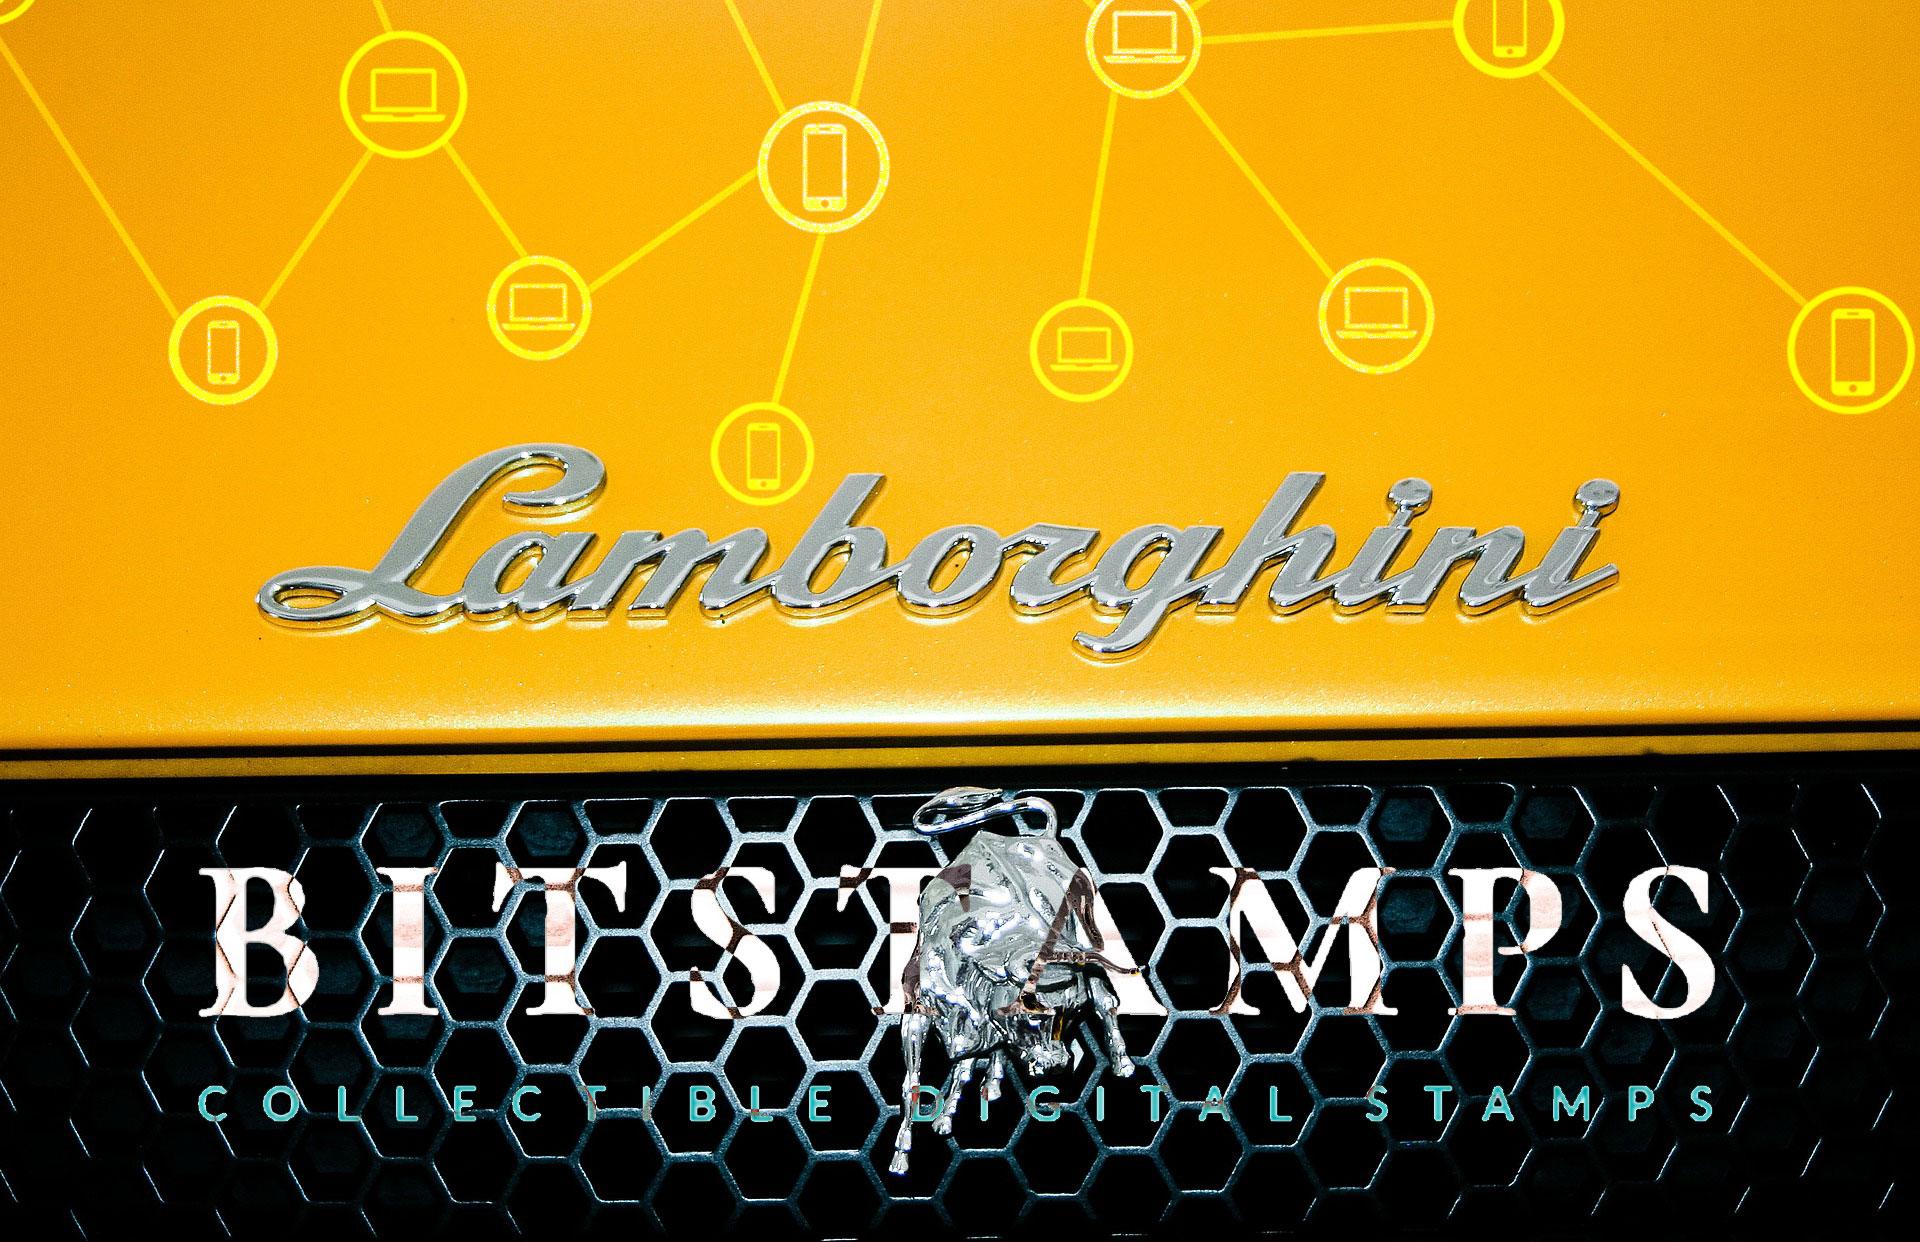 ランボルギーニがブロックチェーンを活用した「デジタルコレクタブルスタンプ」を発行